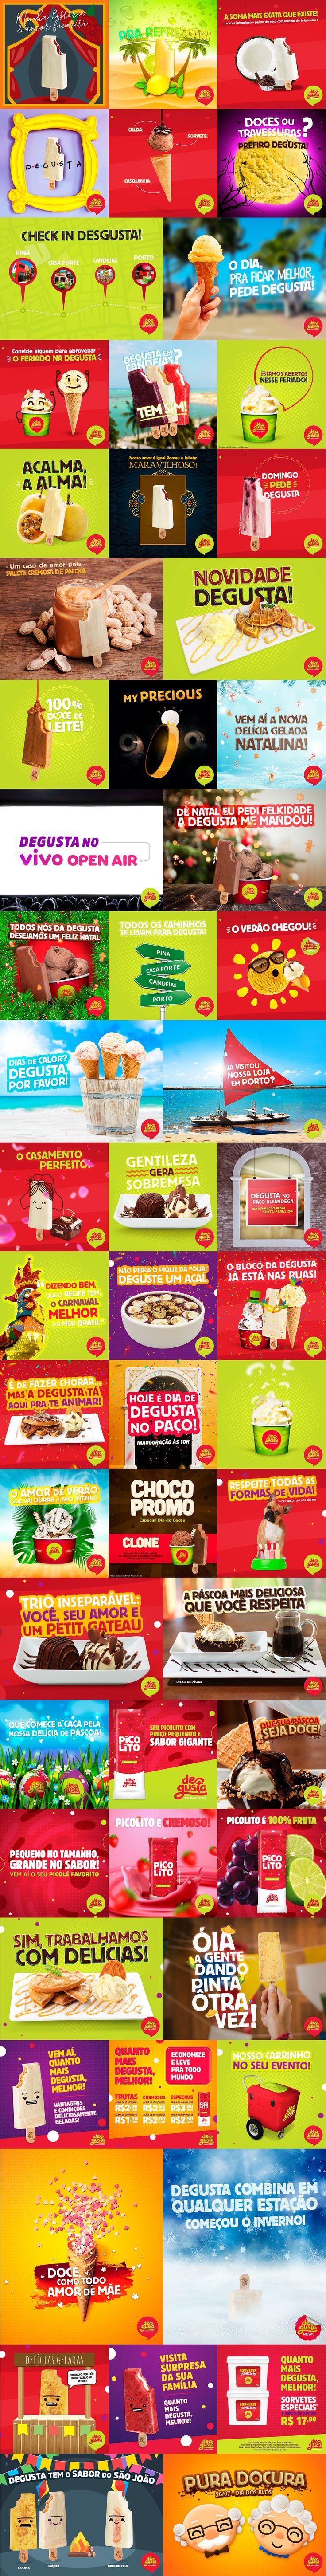 Degusta | Social Media on Behance